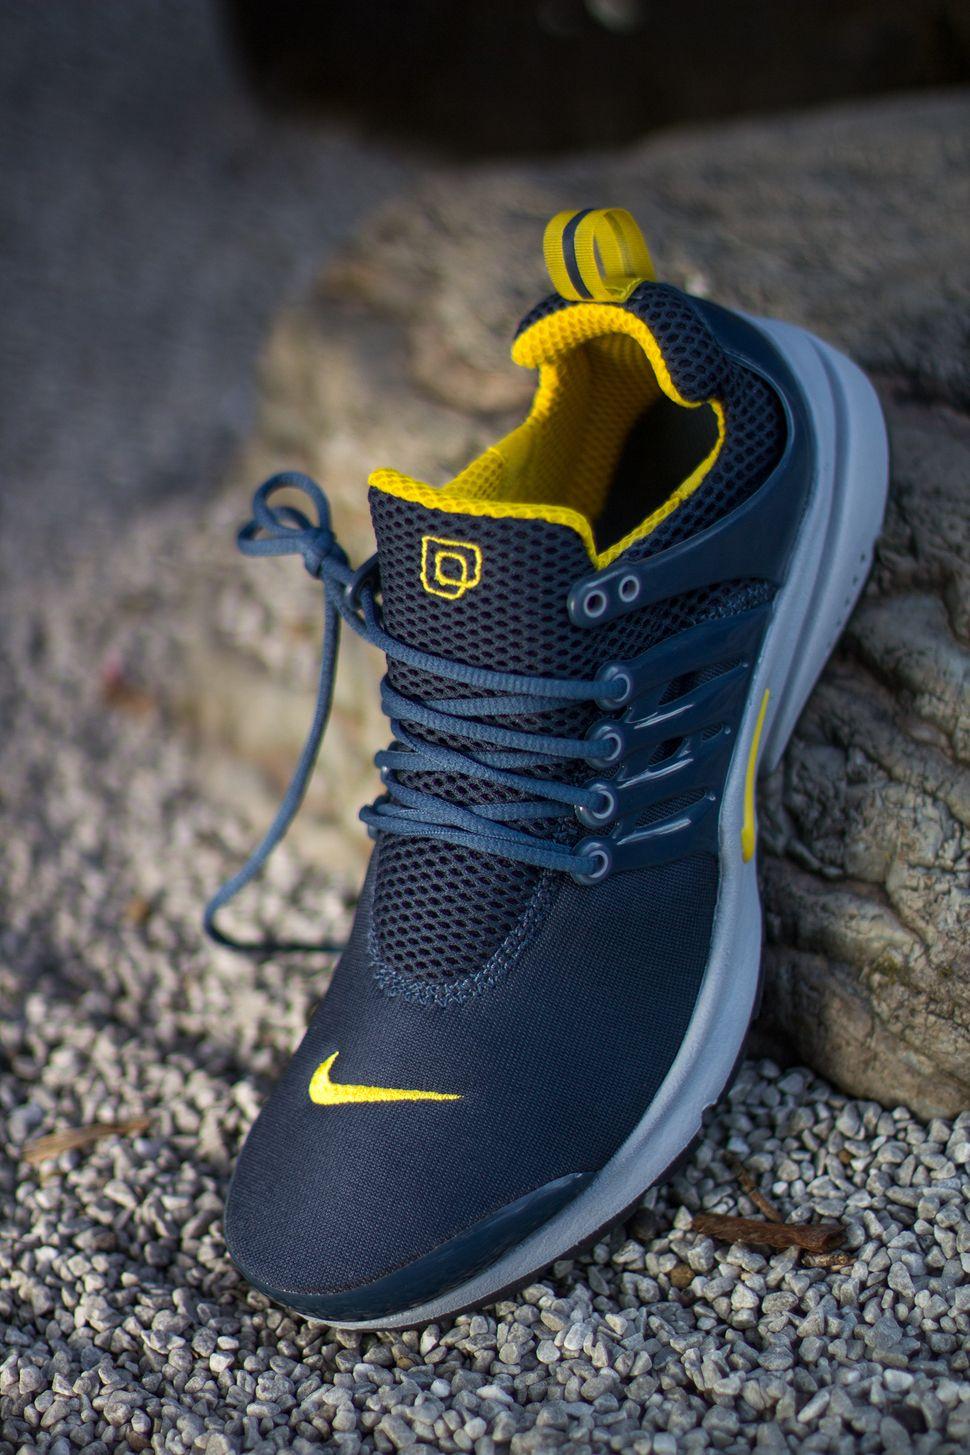 quality design dbfe9 b5e59 Nike Air Presto